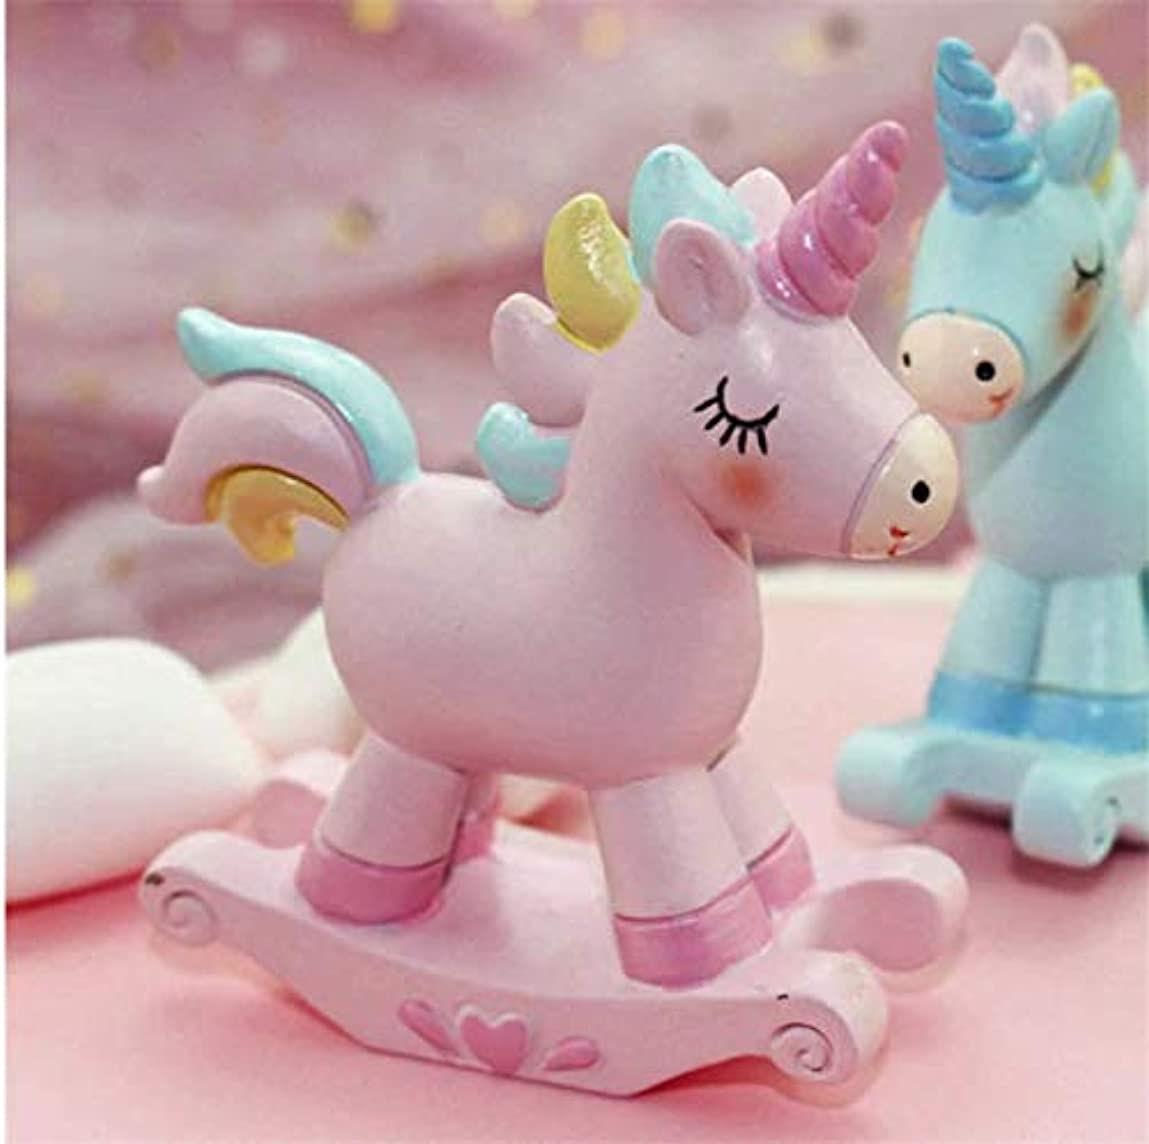 花に水をやる不適切なできないmicia luxury(ミシアラグジュアリー) ケーキトッパー ユニコーン 装飾 マイルストーンバースデー 誕生日 撮影プロップス ピンク